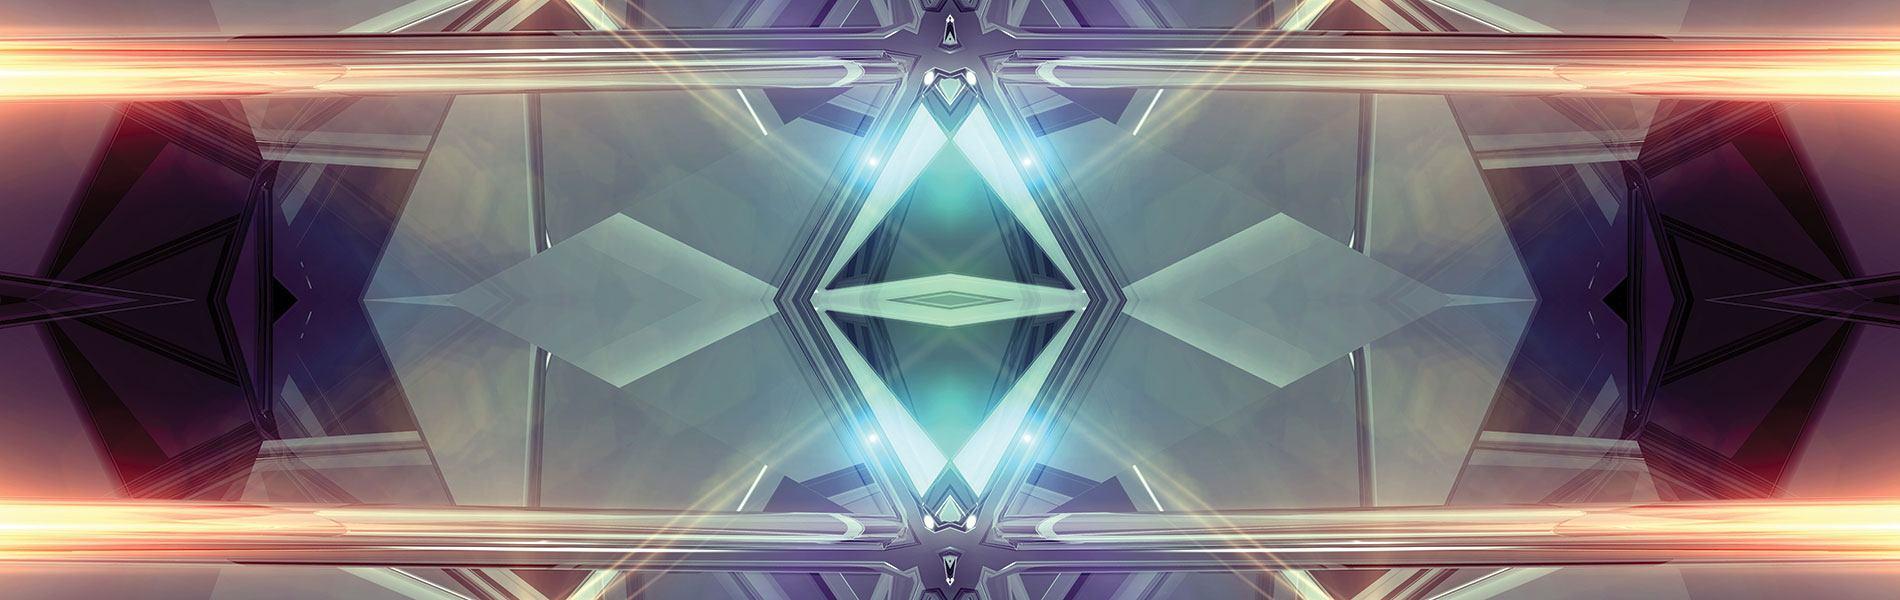 abstract-royzz